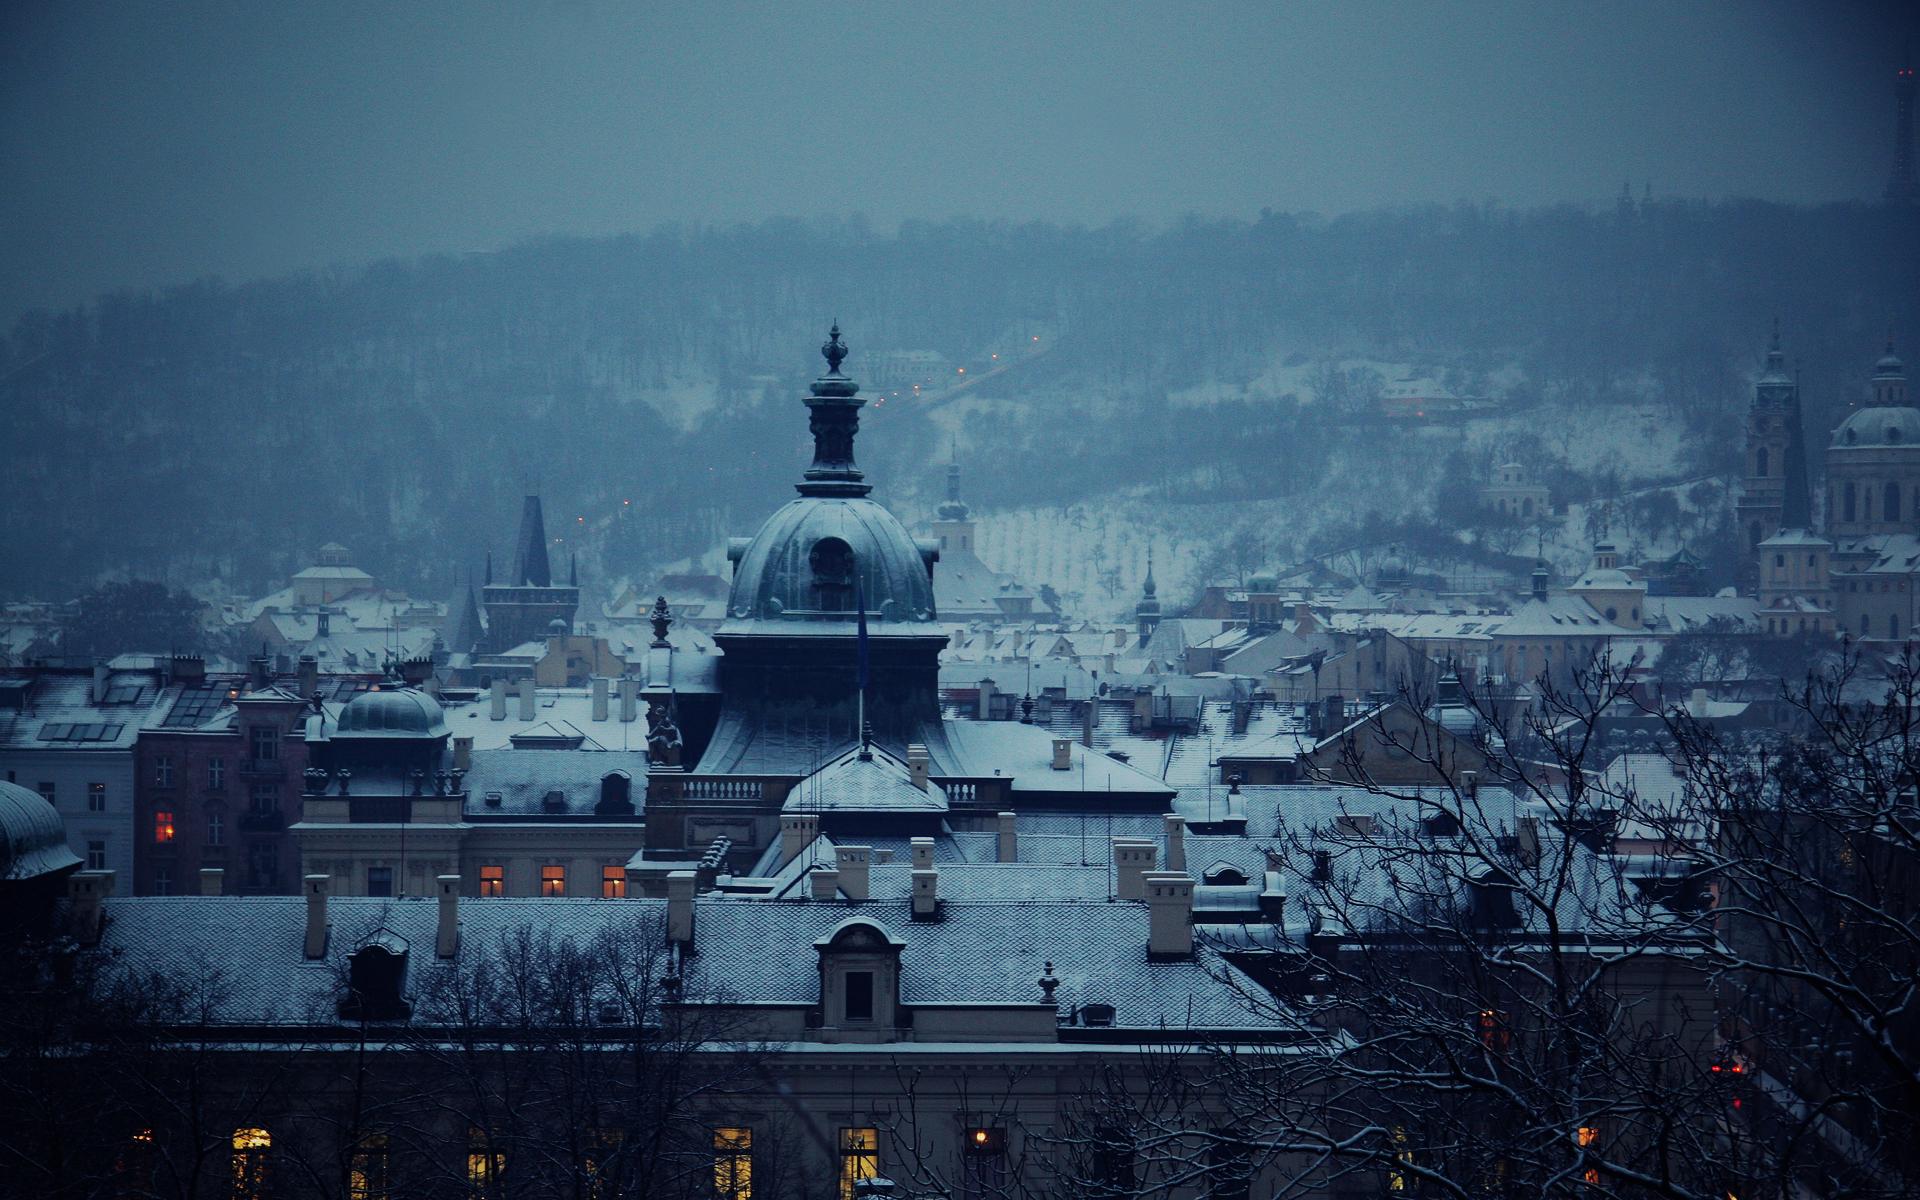 Скачать картинку Зима, Снег, Пейзаж, Города в телефон бесплатно.